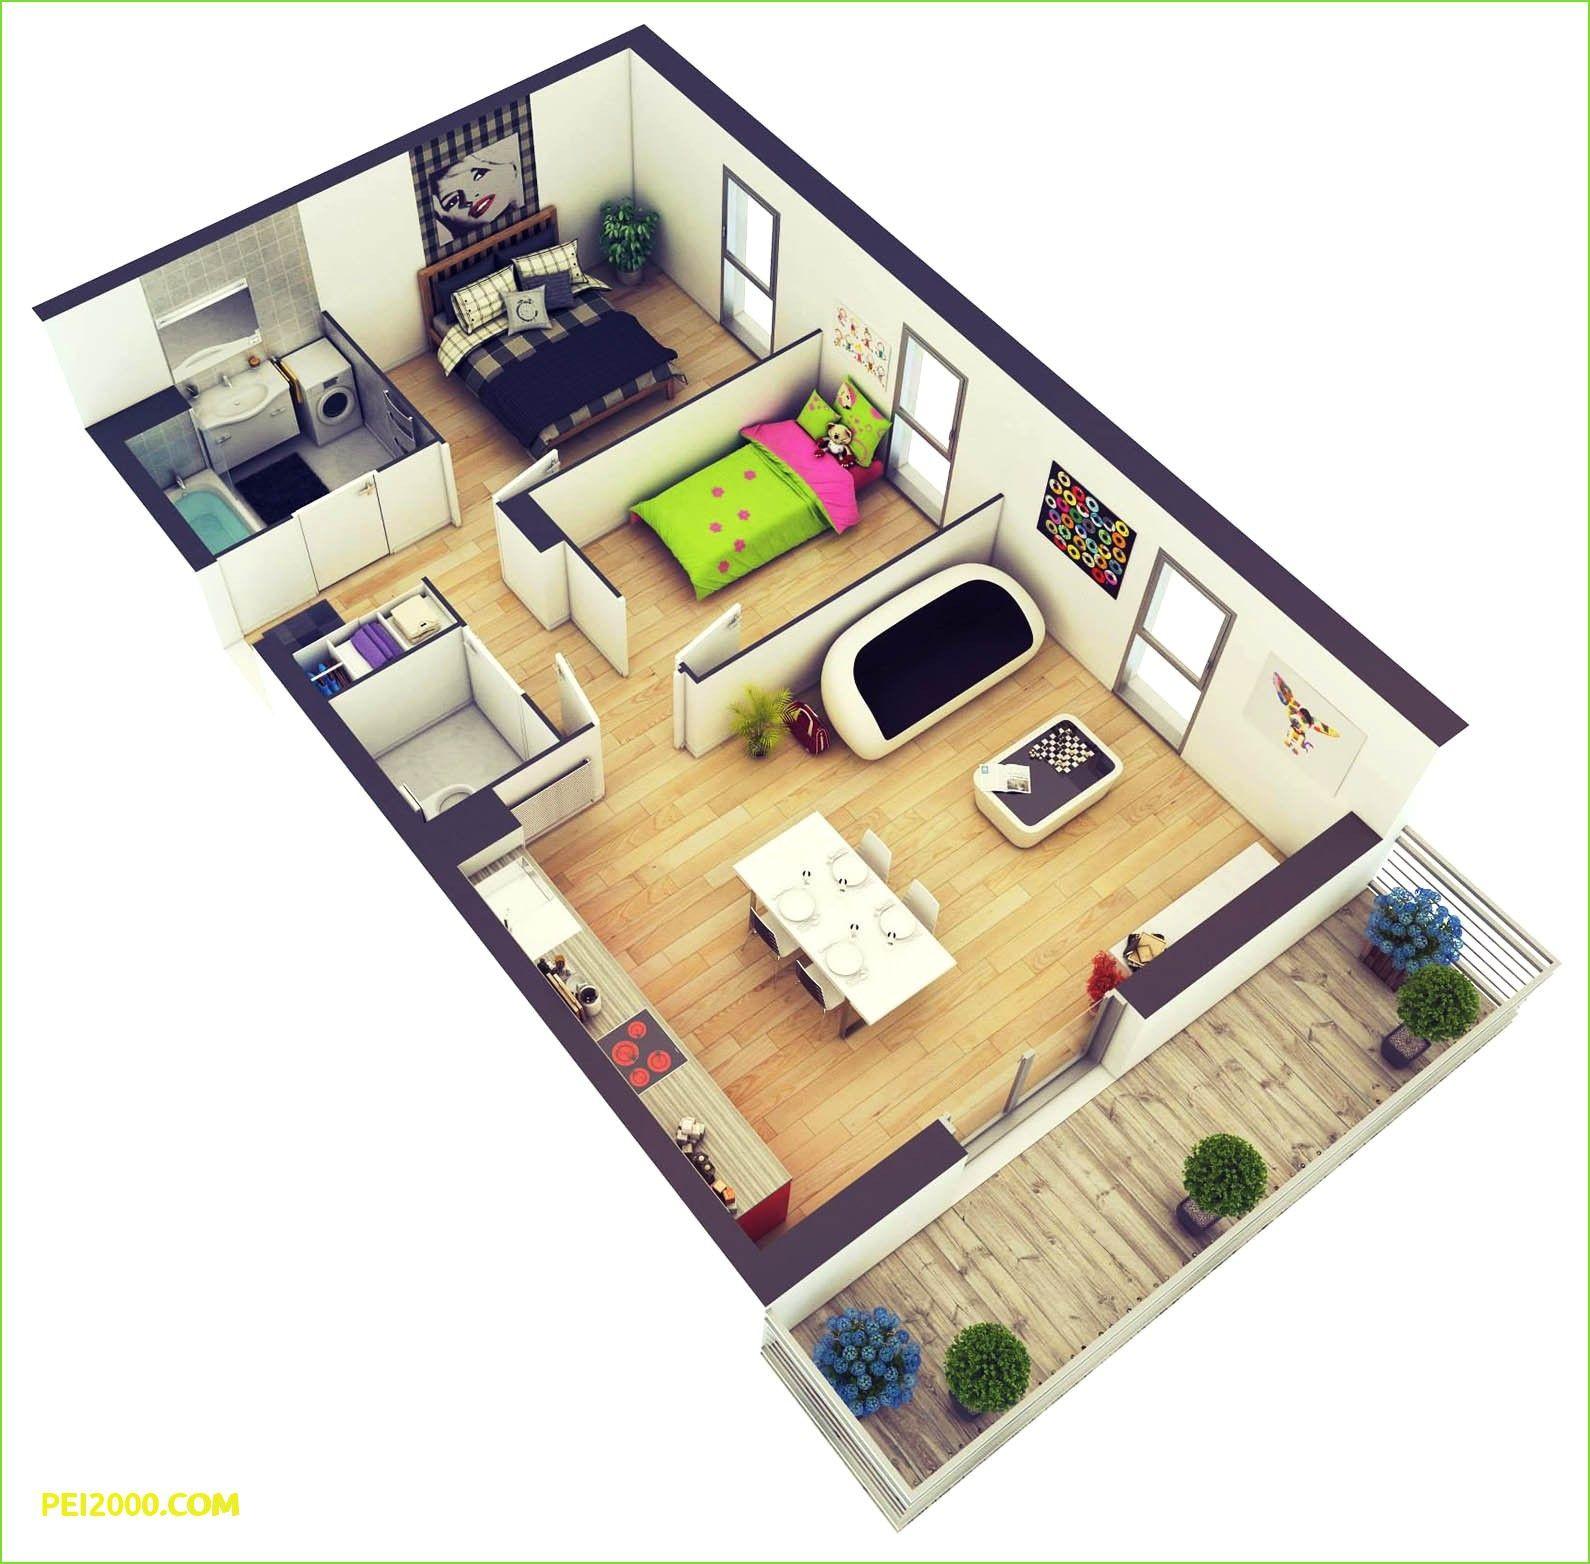 13 Contoh Model Rumah Ukuran 5x7 Terbaru Desain Minimalis Modern 2 Lantai Beserta Denahnya Denah Rumah Kecil Denah Rumah Rumah Minimalis